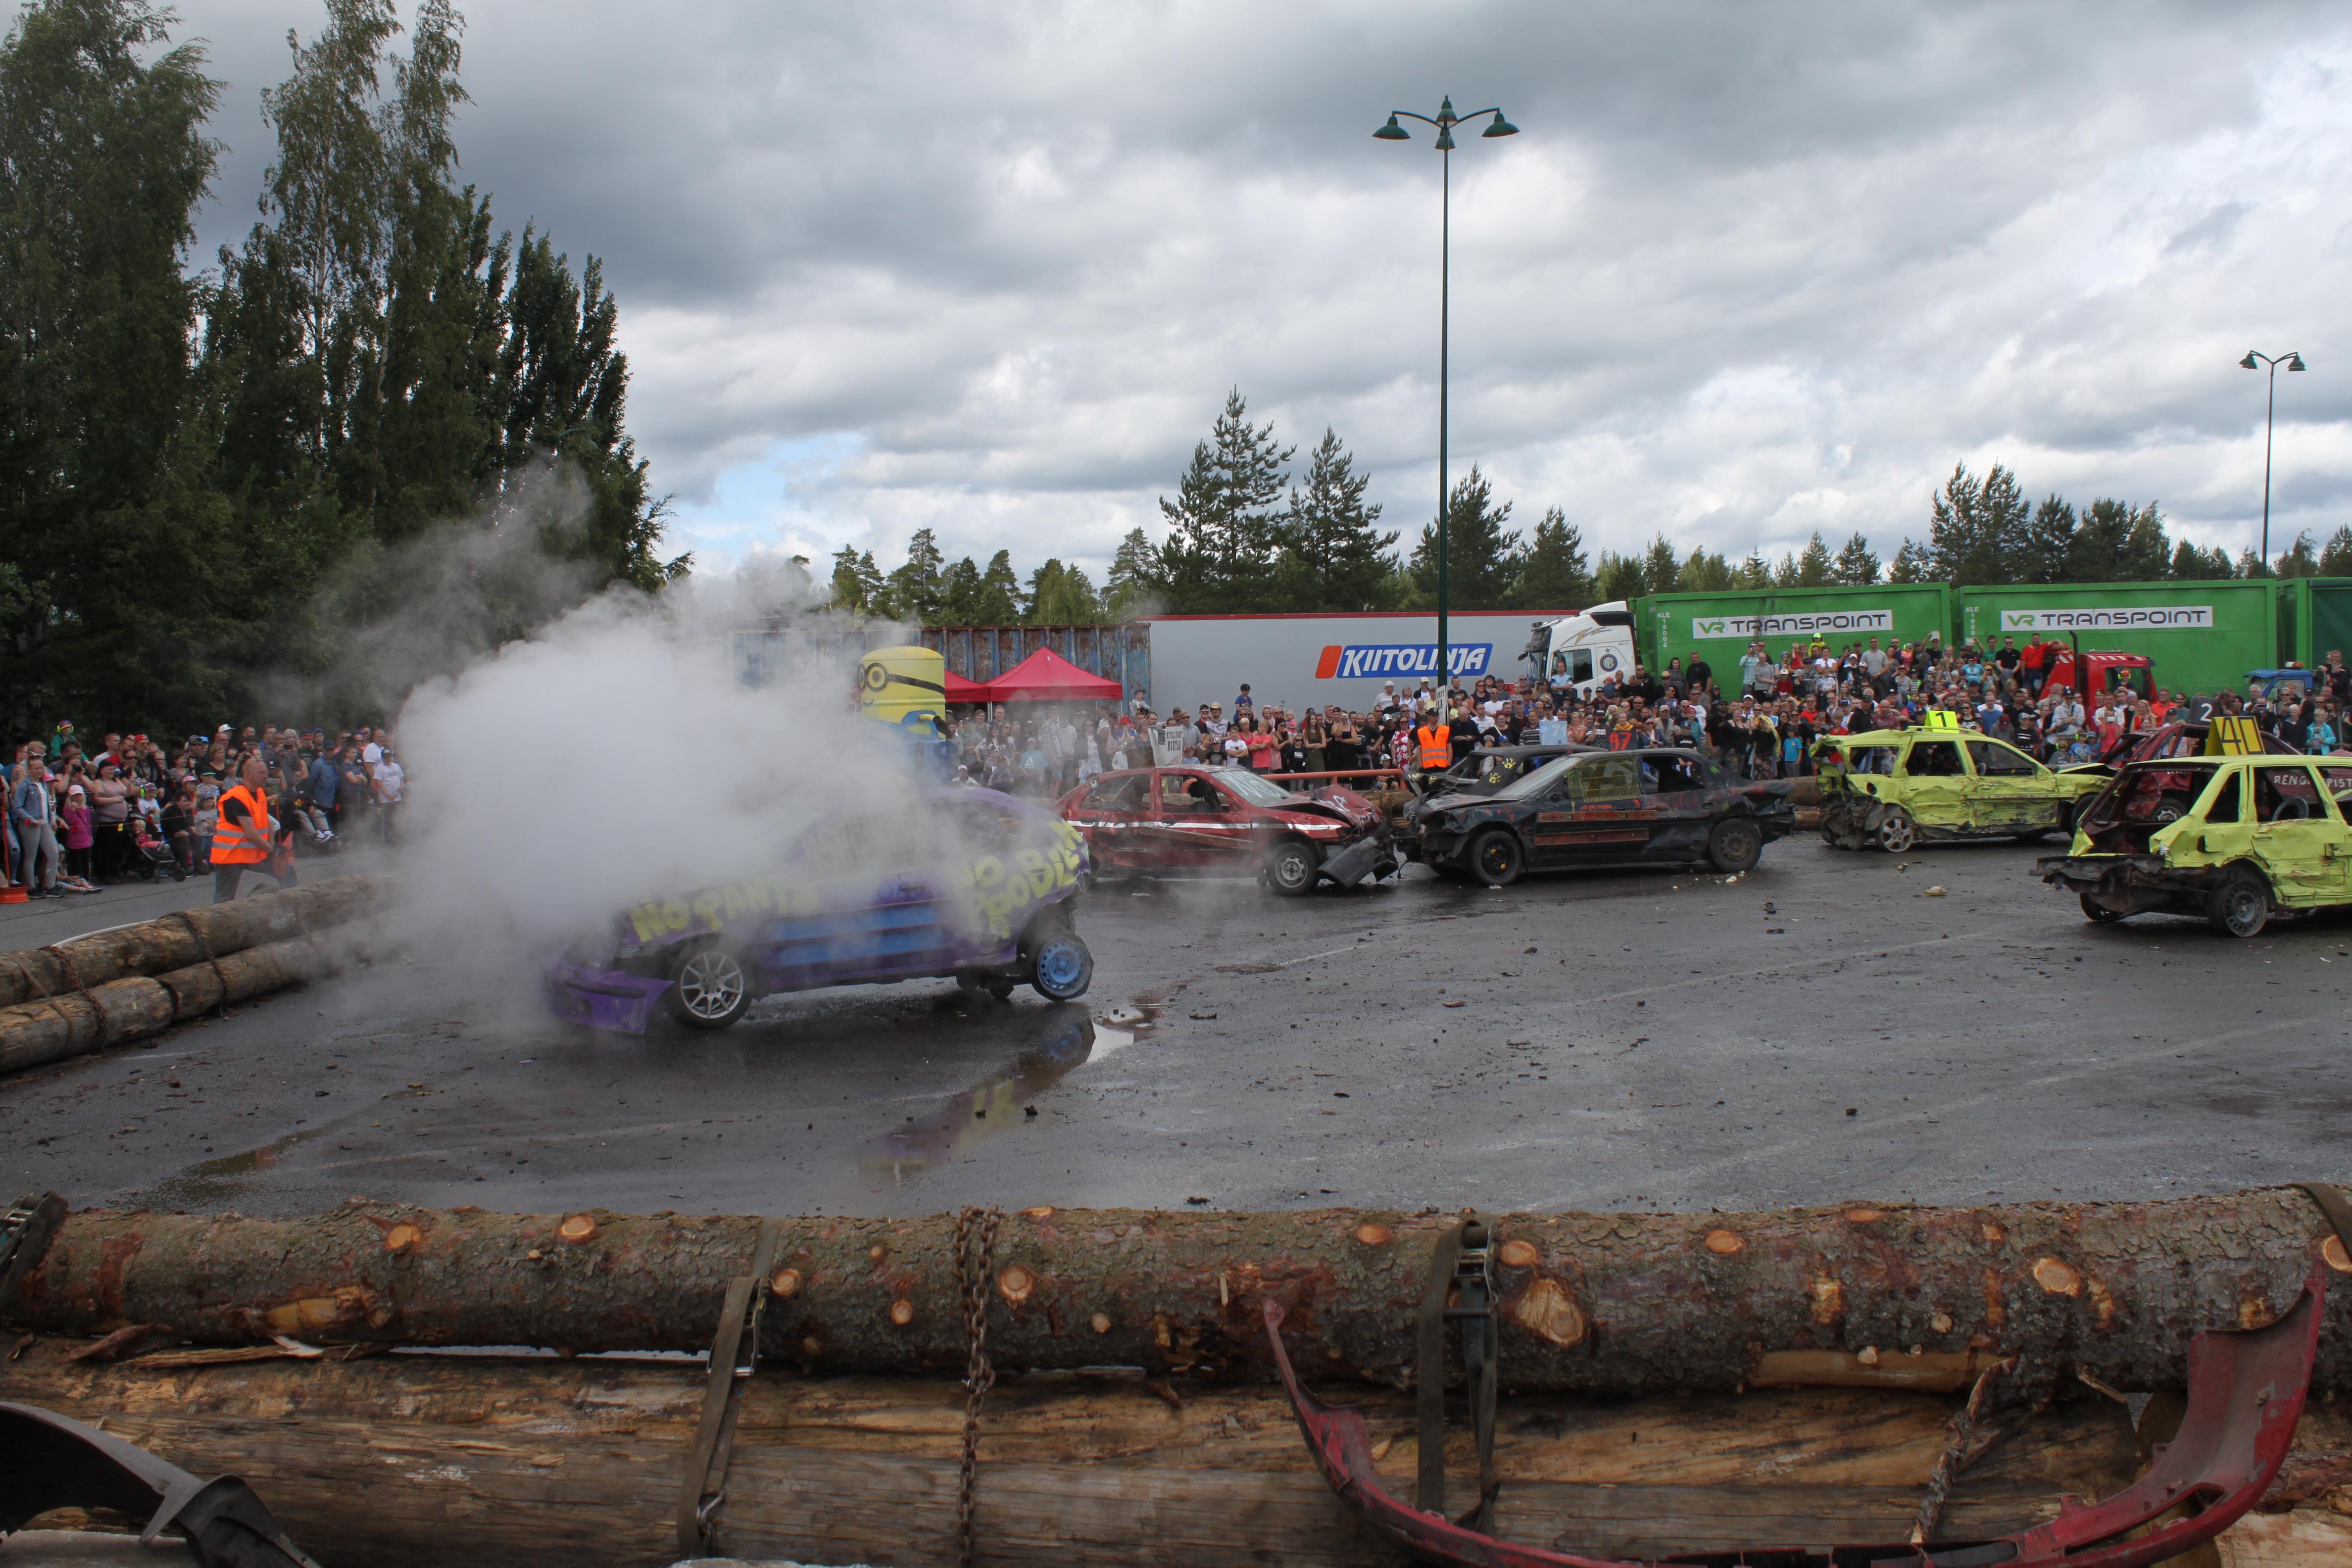 Sankka savu kertoi siitä, että pieni väliaikaishuolto oli autolle numero 18 paikallaan. Kuva: Annika Eronen